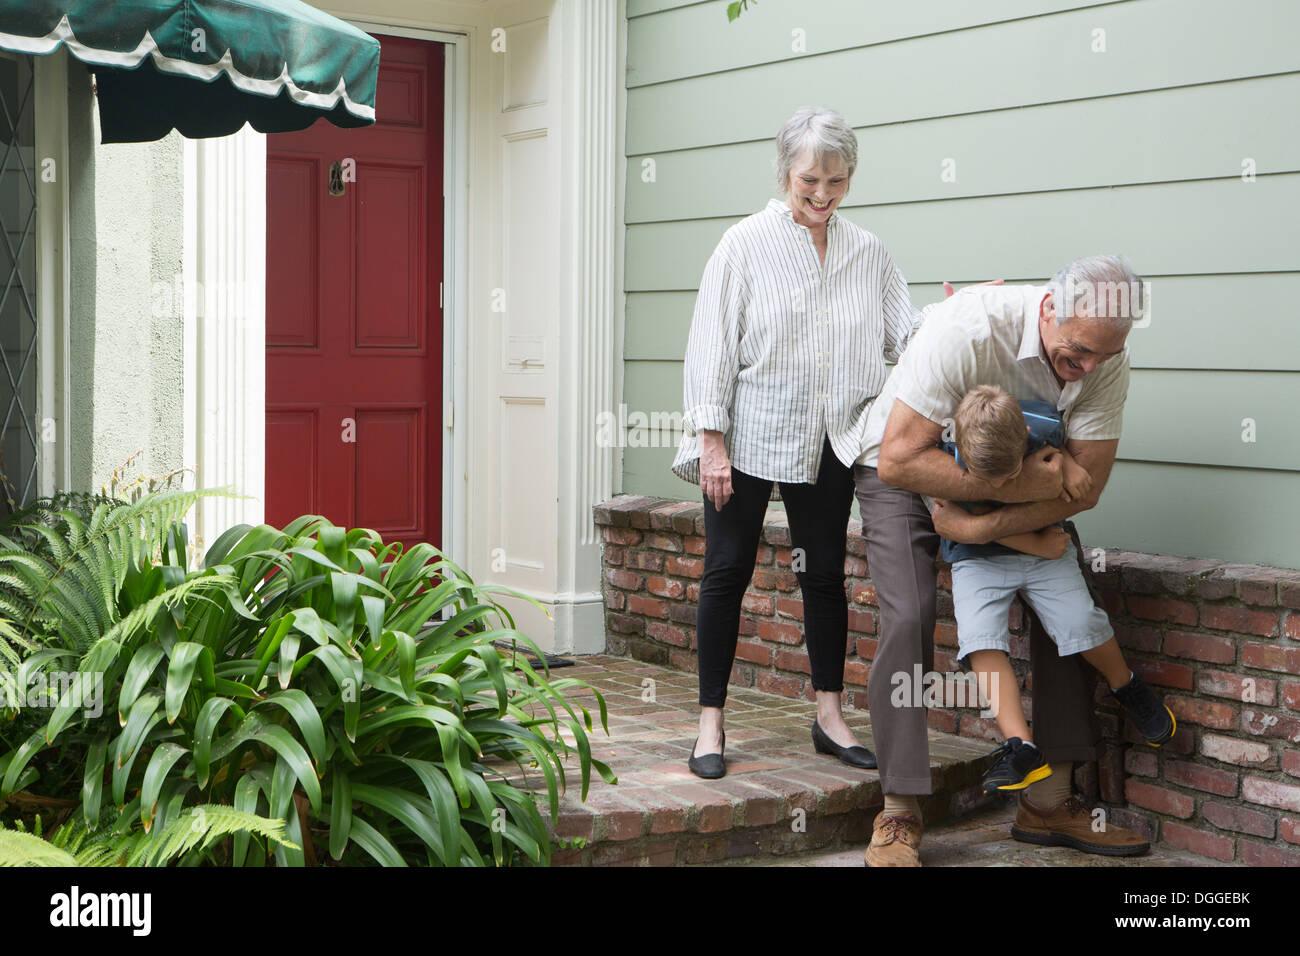 Hombre Senior jugando con su nieto fuera de casa Foto de stock